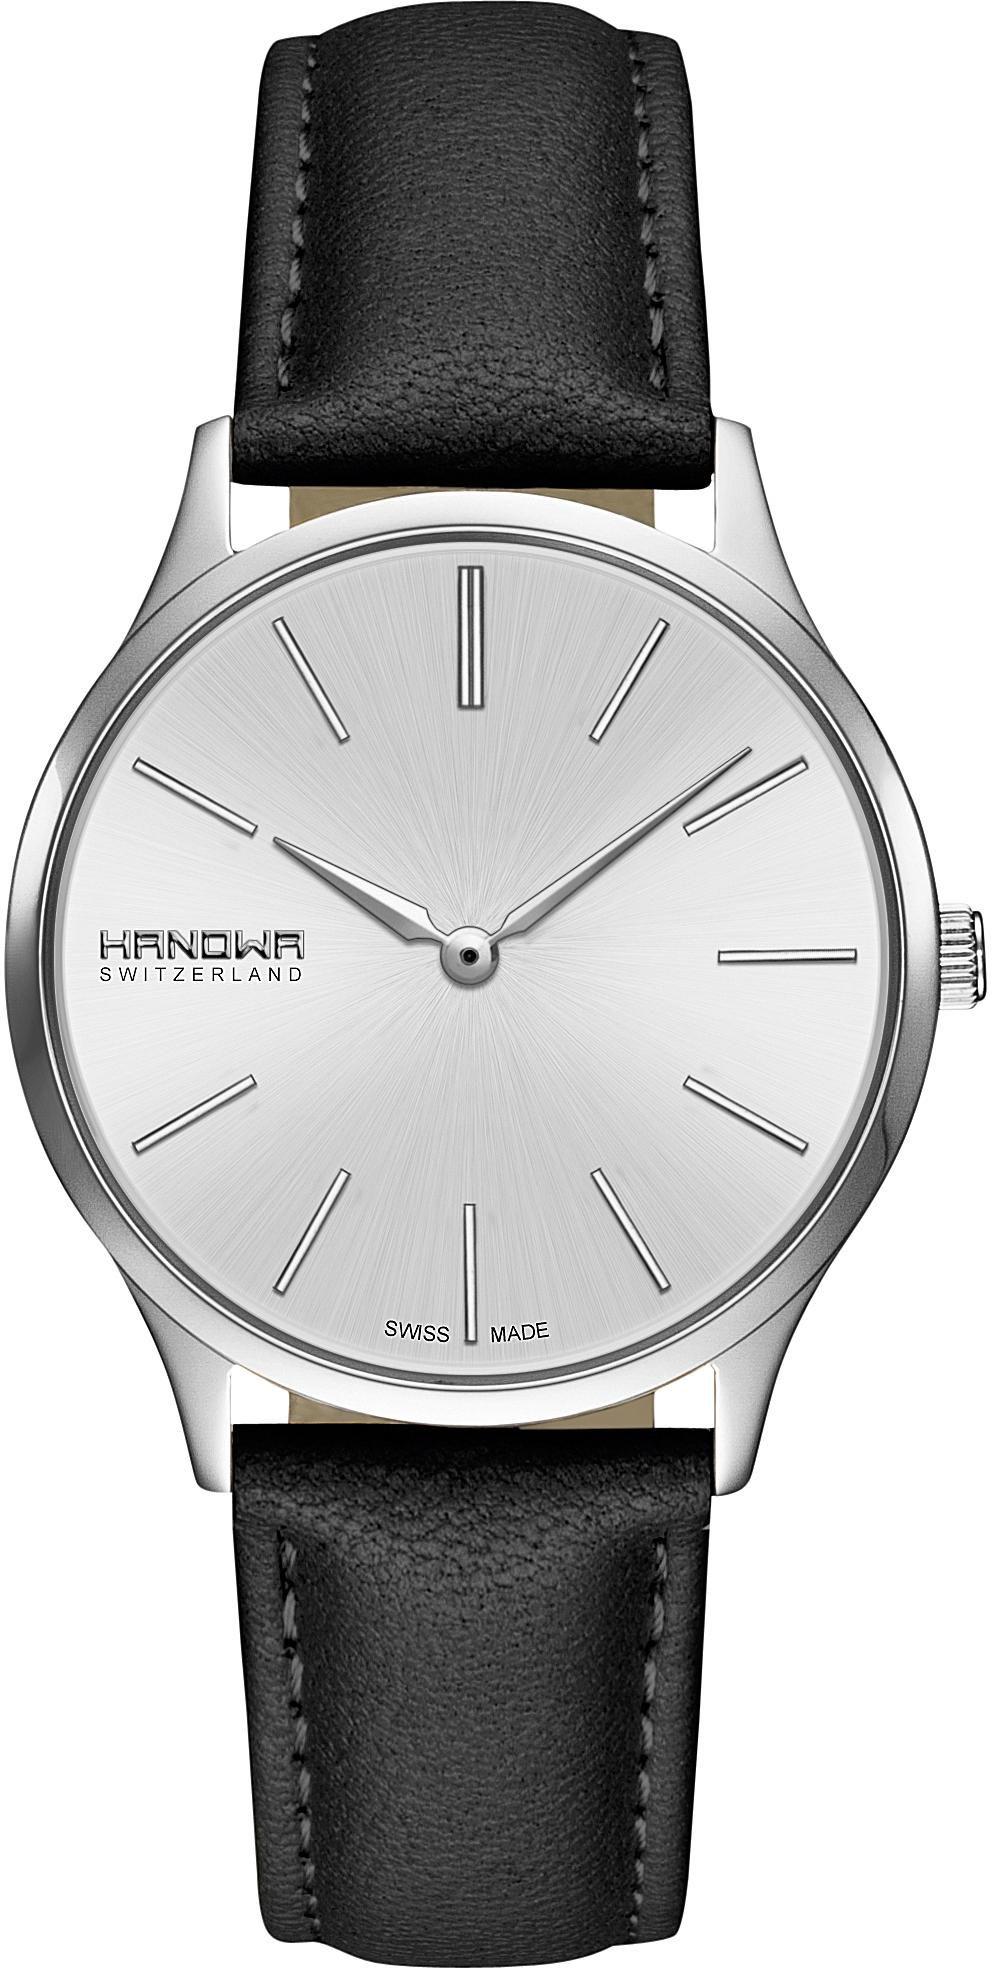 HANOWA Hanowa Schweizer Uhr »PURE, 16-6060.04.001«